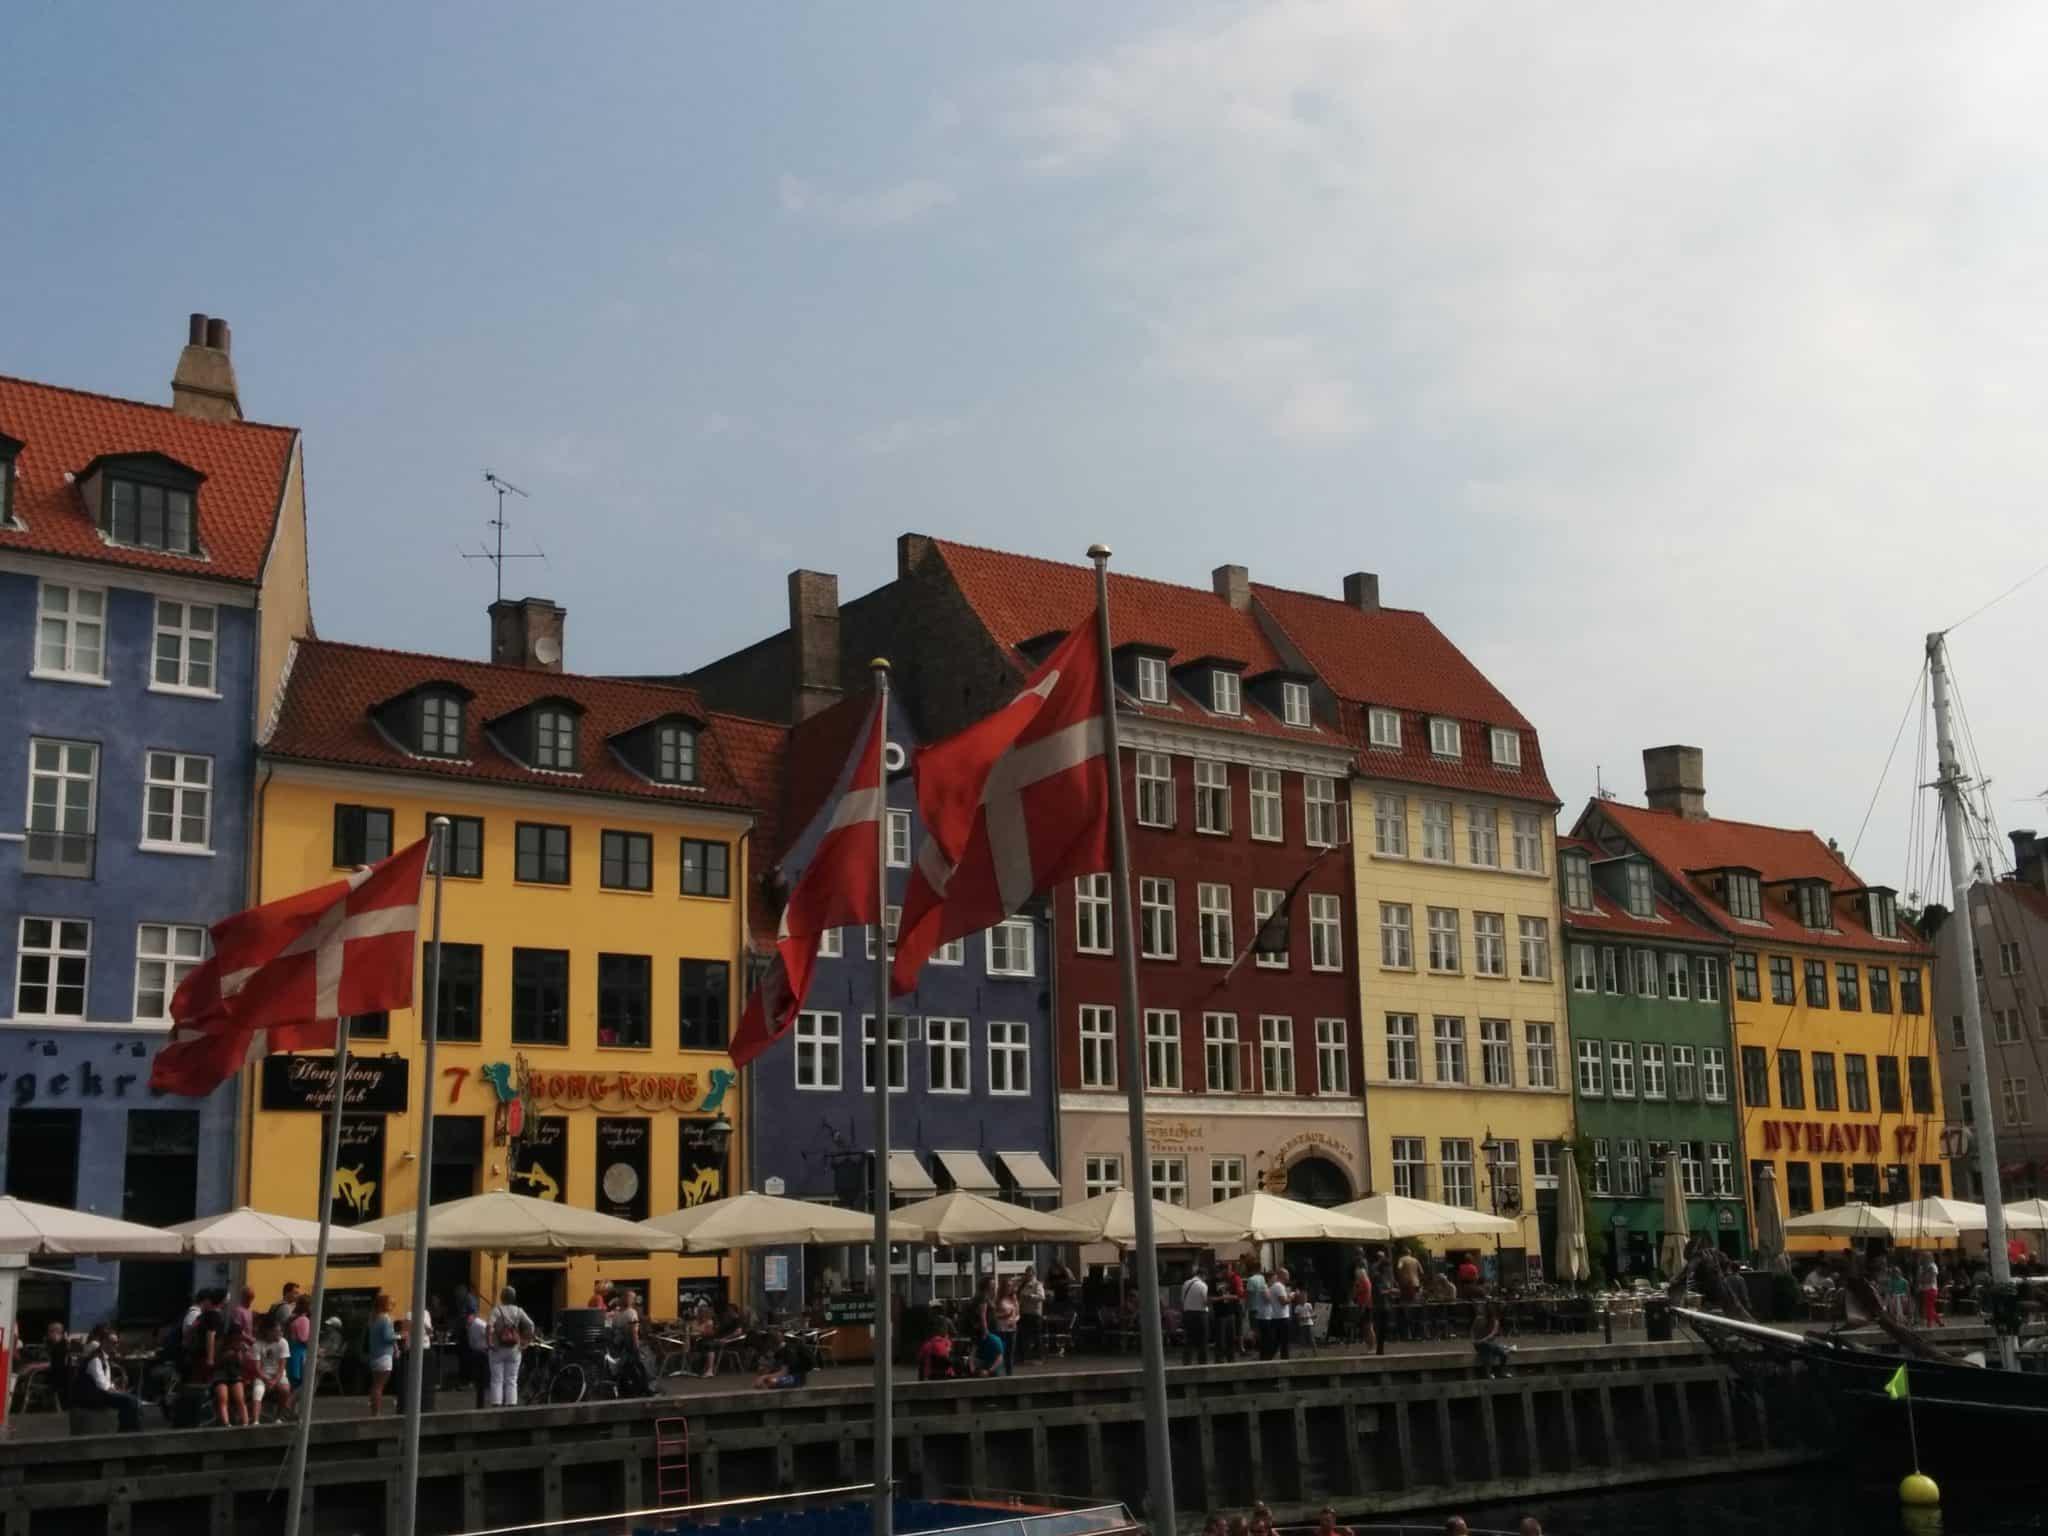 Les bonnes adresses tissus et laine à Copenhague